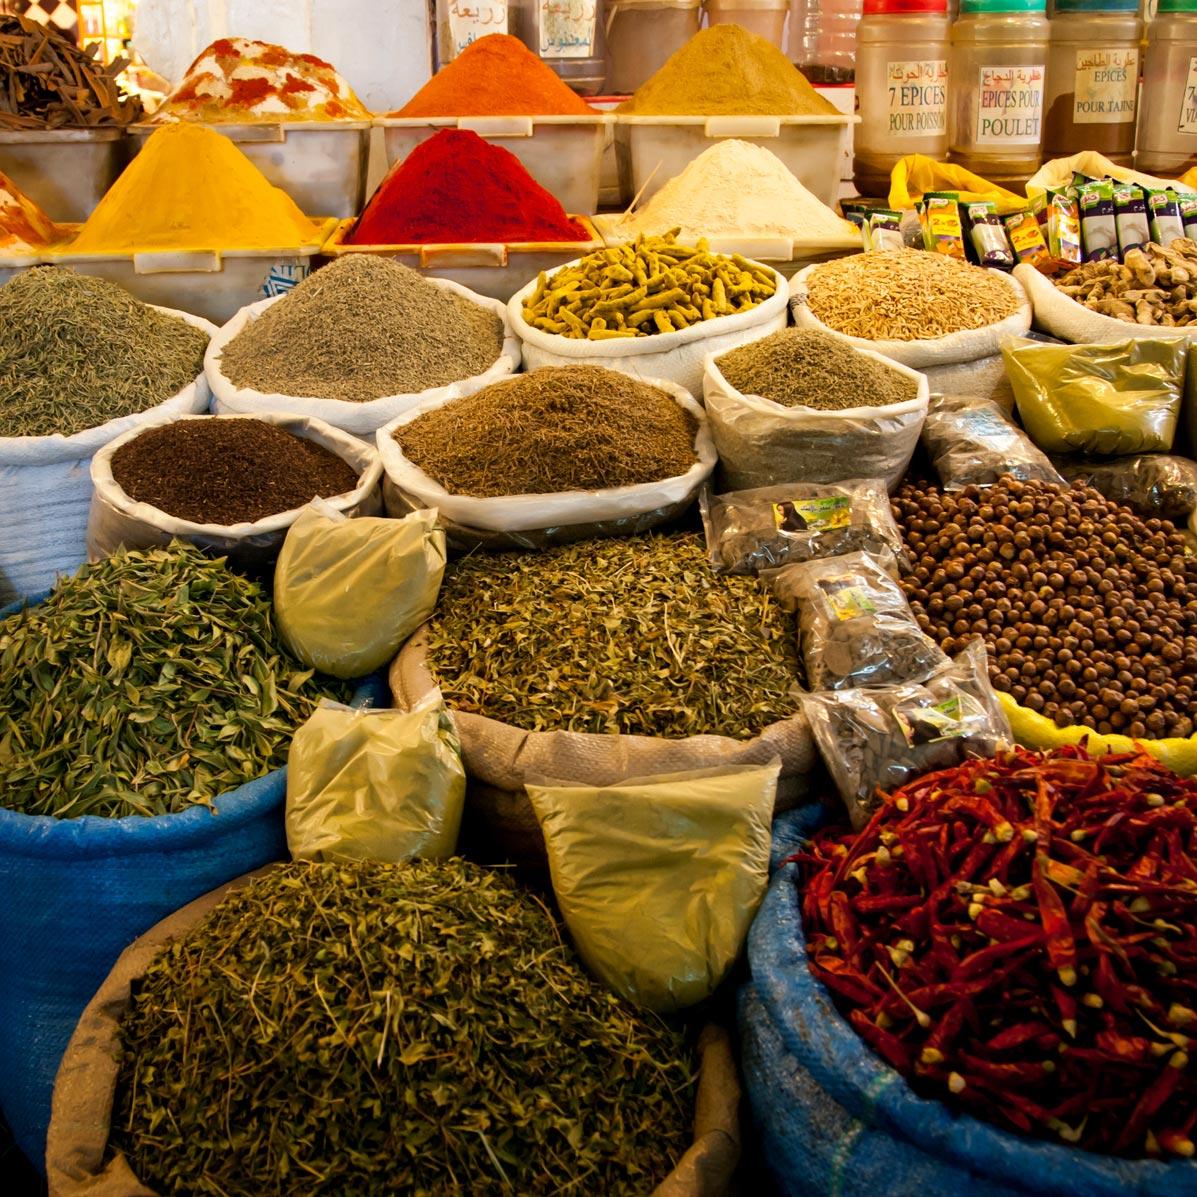 Opulente Gewürzkulisse: ob Zimtrinde, Lorbeerblatt, Gelbwurz oder Chilischote, auf marokkanischen Gewürzmärkten türmen sich die Wohlgerüche / © Lustfaktor, Foto Georg Berg